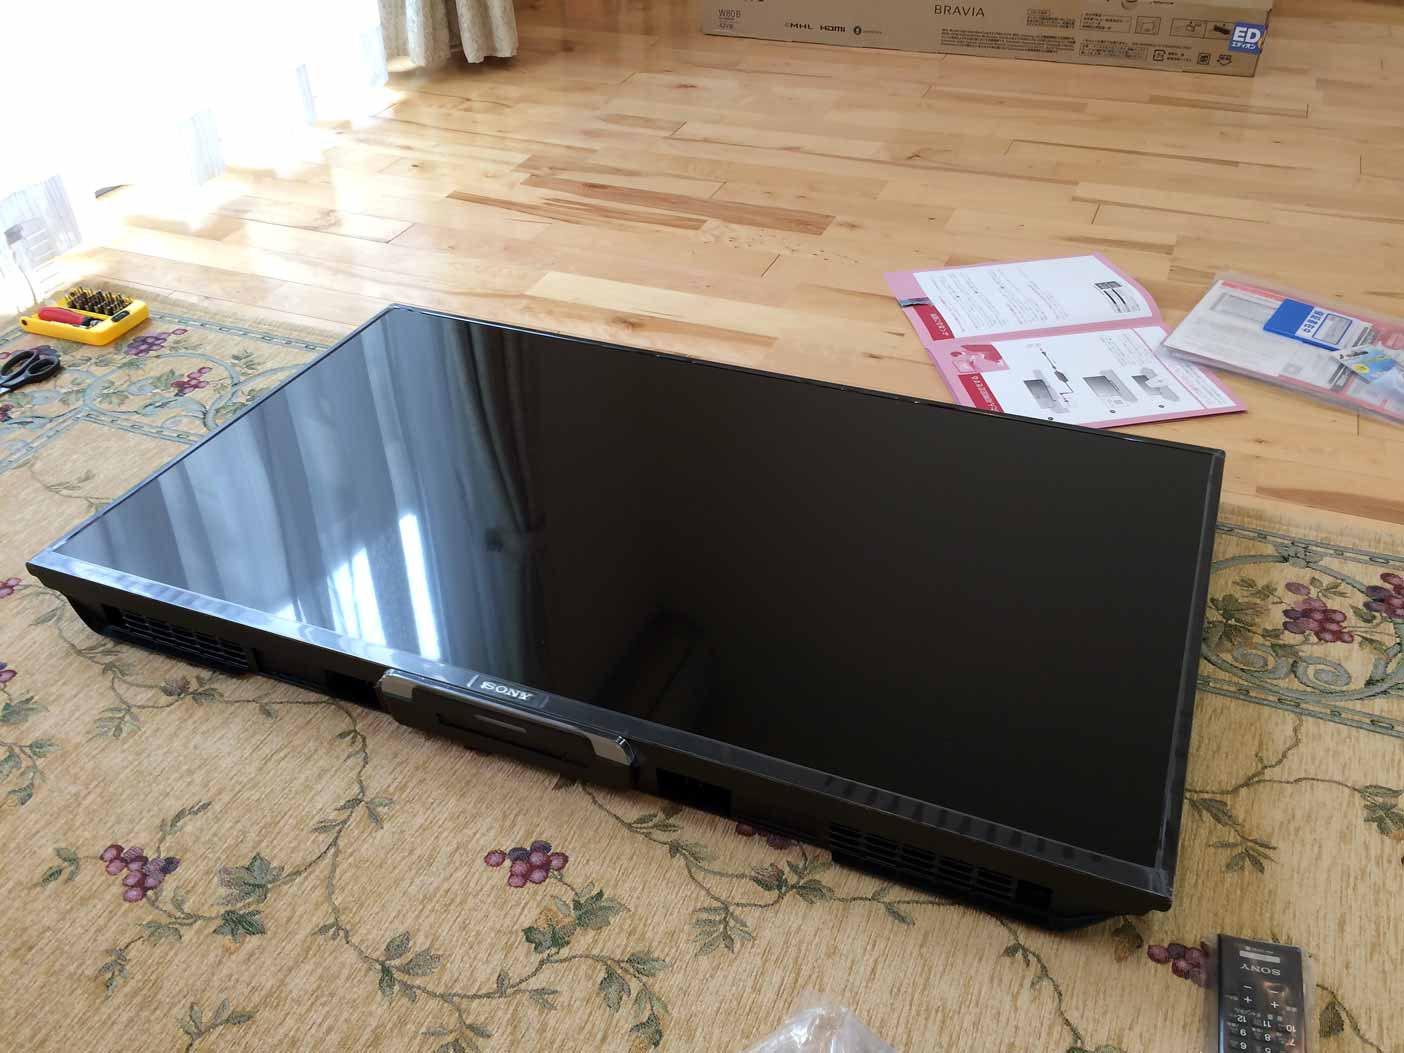 SONY 42V型 フルハイビジョン 液晶テレビ BRAVIA KDL-42W800B